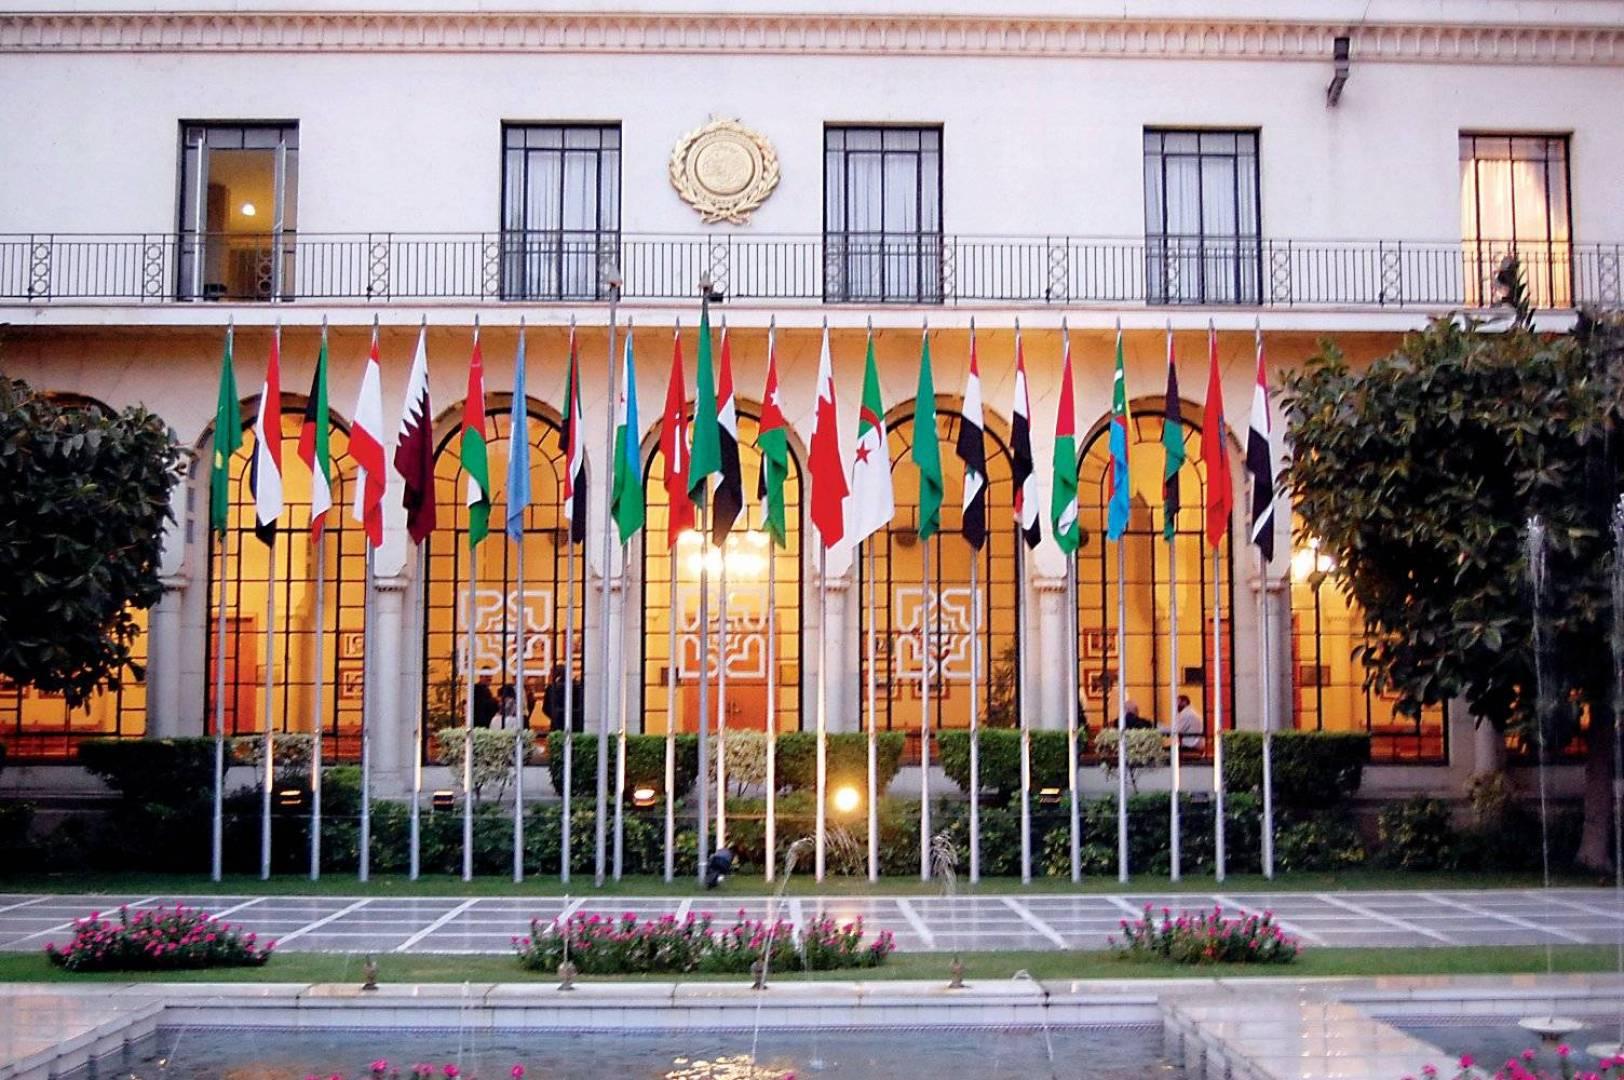 الجامعة العربية تطالب باستمرار دعم العملية التعليمية في فلسطين